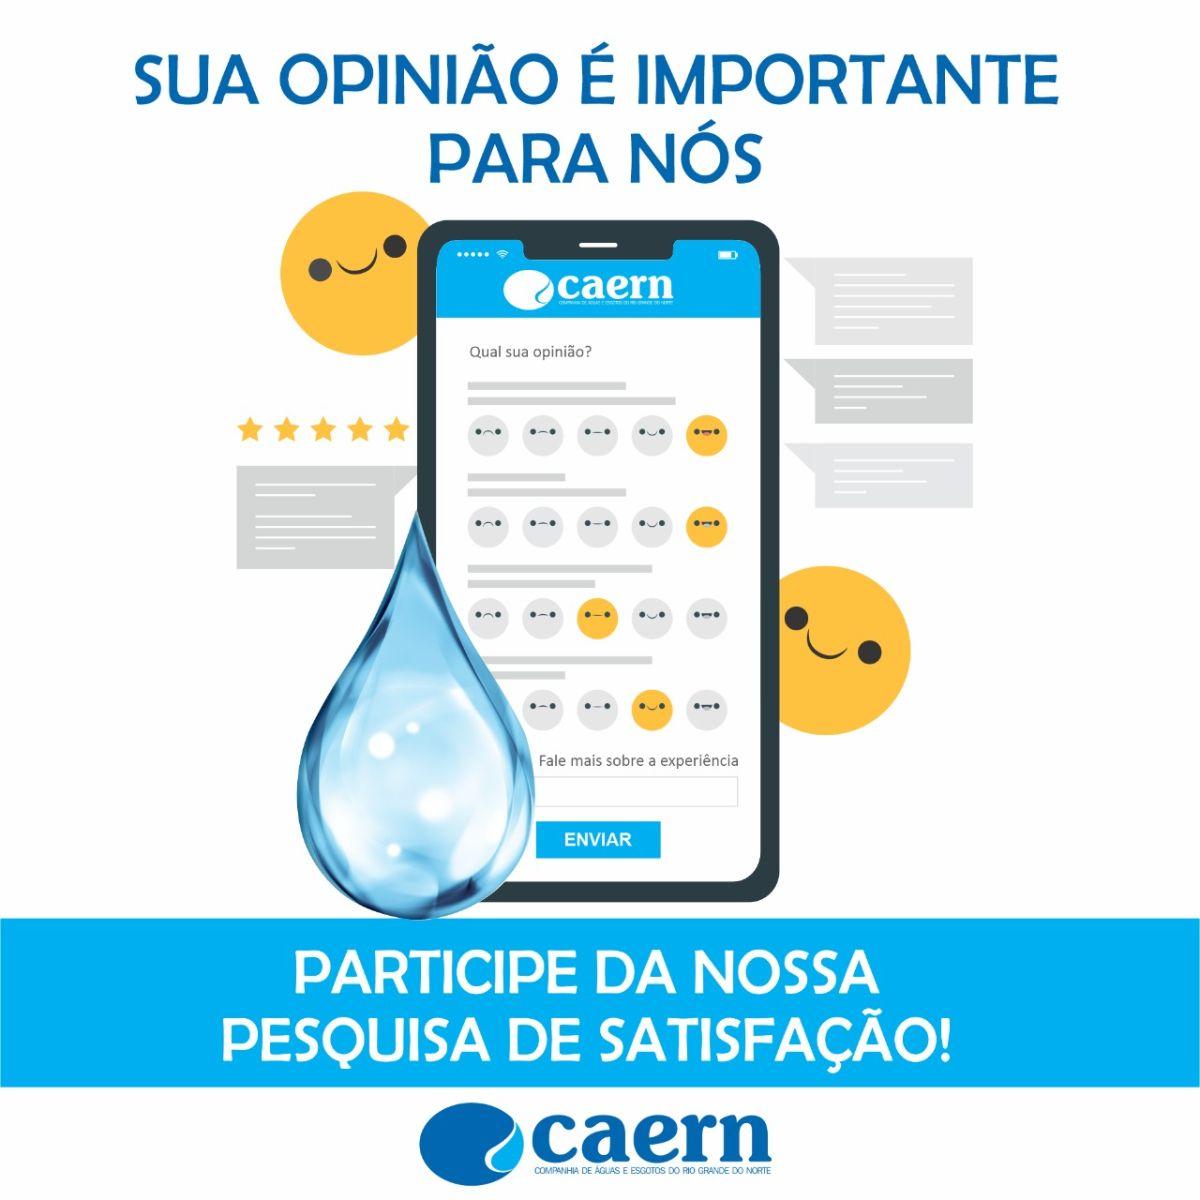 Caern realiza pesquisa de satisfação por SMS, site e Instagram